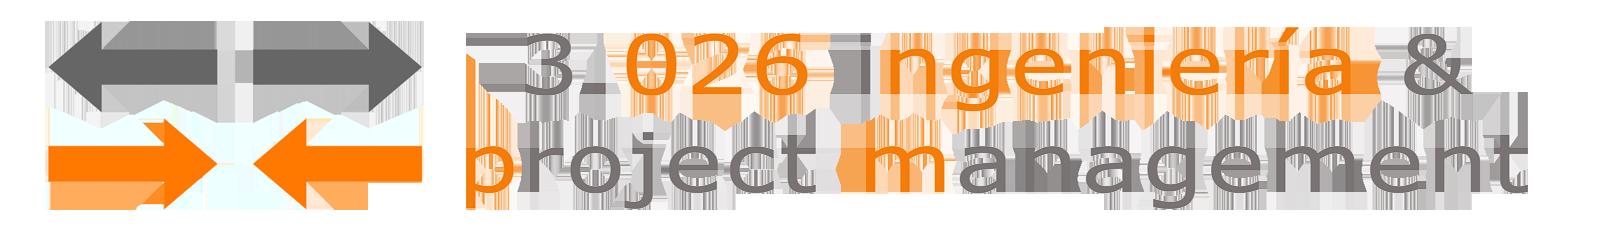 3026ipm